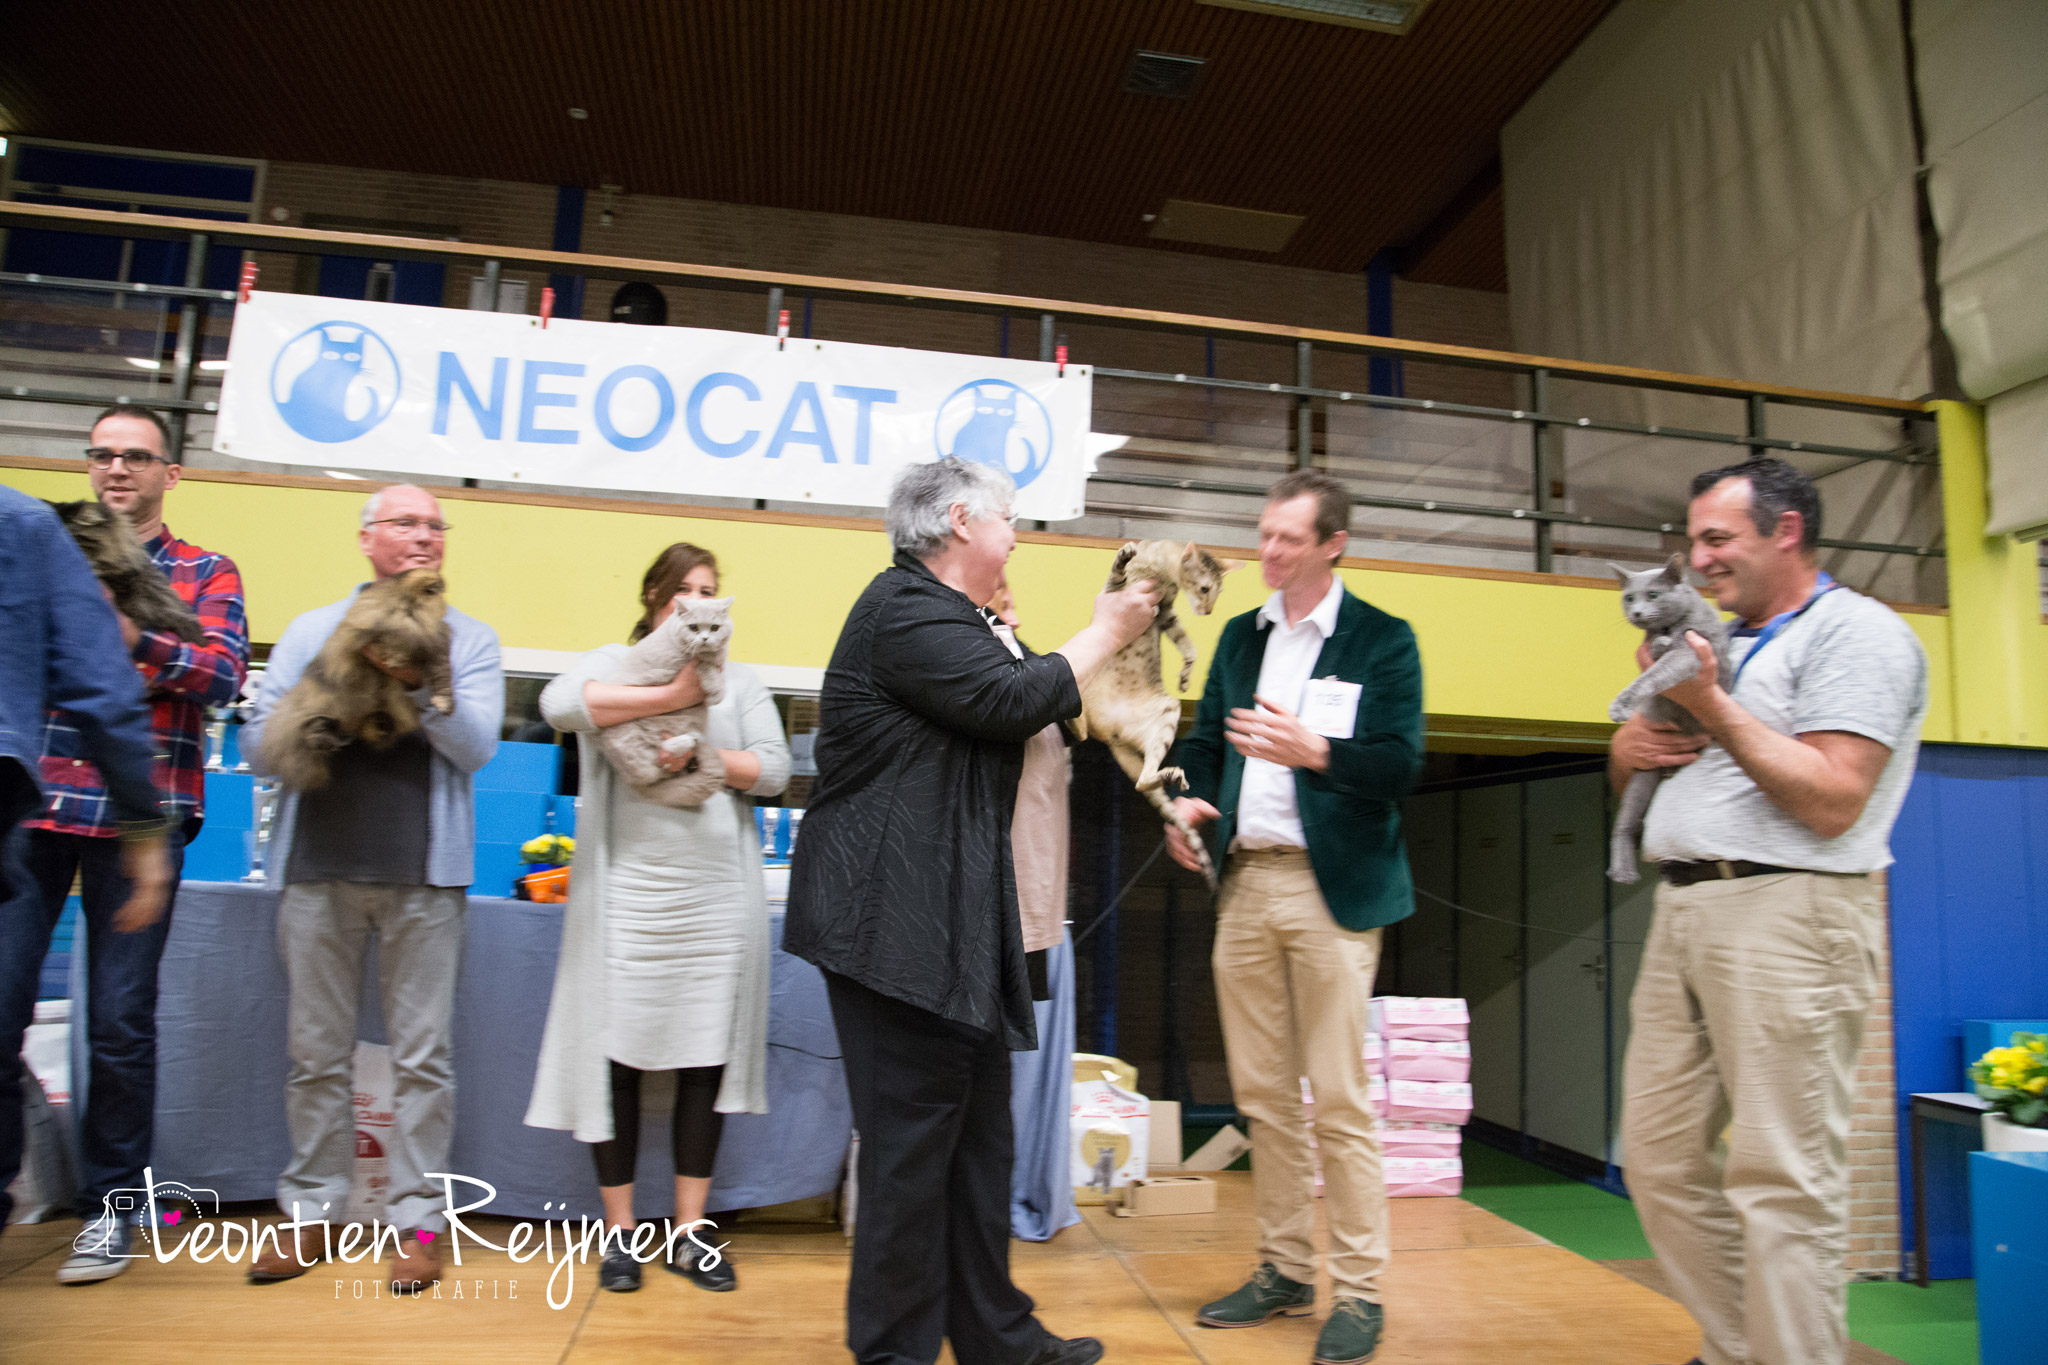 2017-04-09_Neocat243